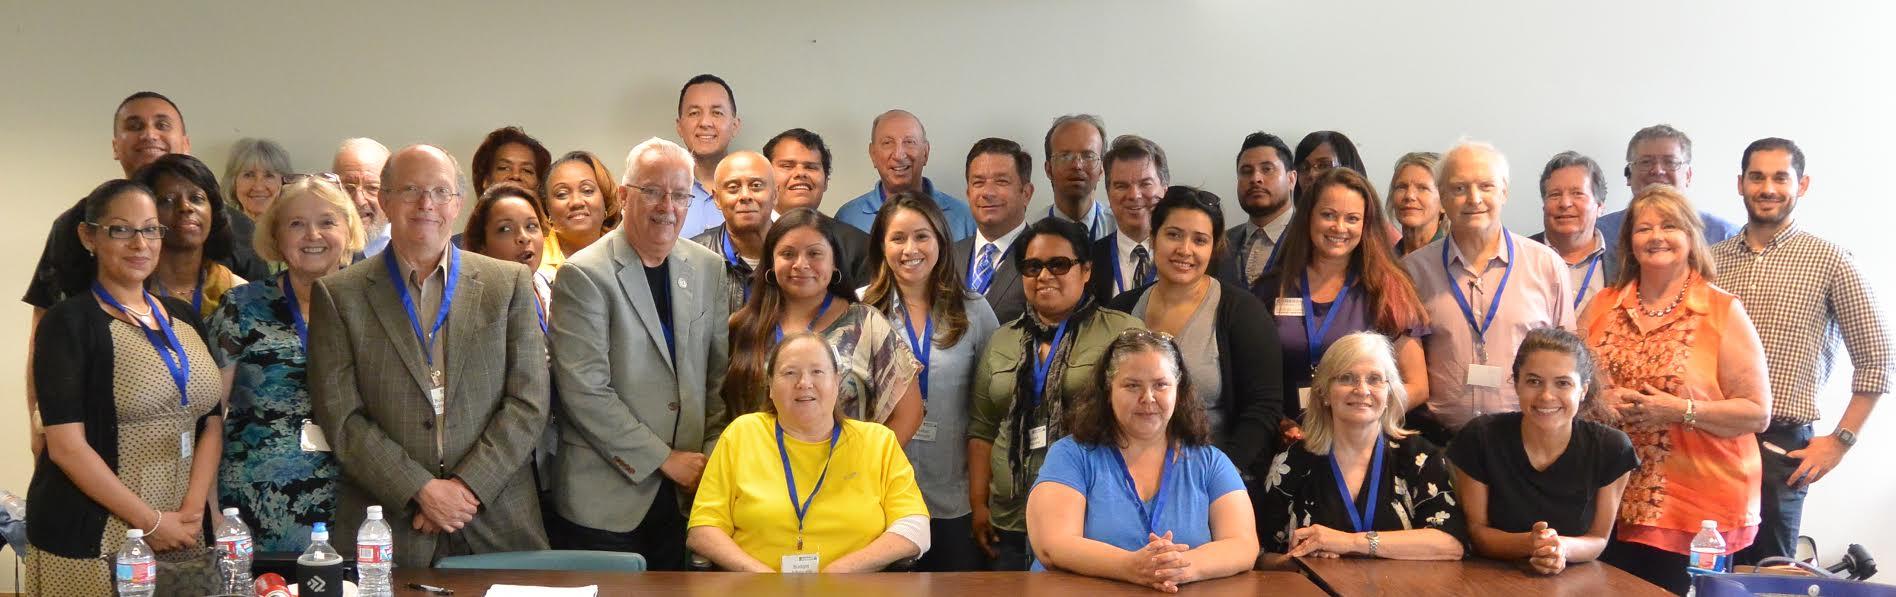 budget advocates